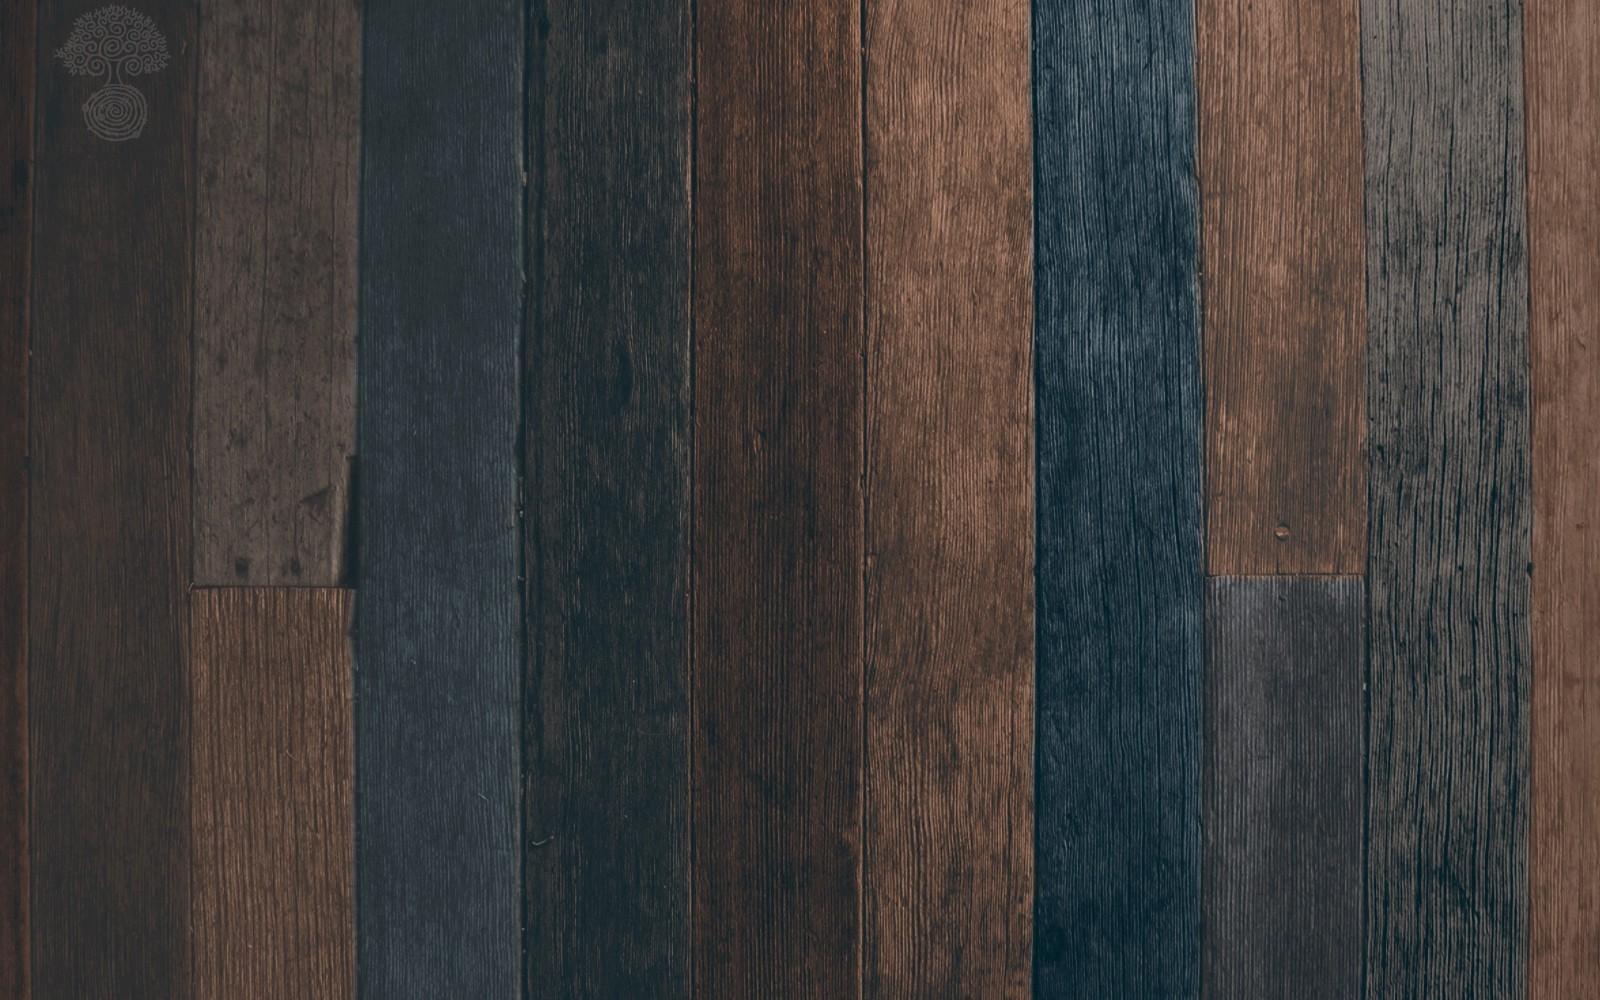 배경 화면 : 조직, 벽, 견목, 1600x1000 픽셀, 나무 바닥, 목재 얼룩 ...